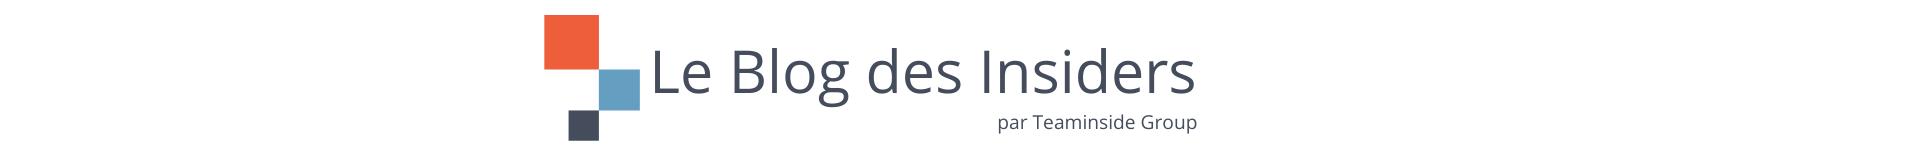 LE BLOG DES INSIDERS logo